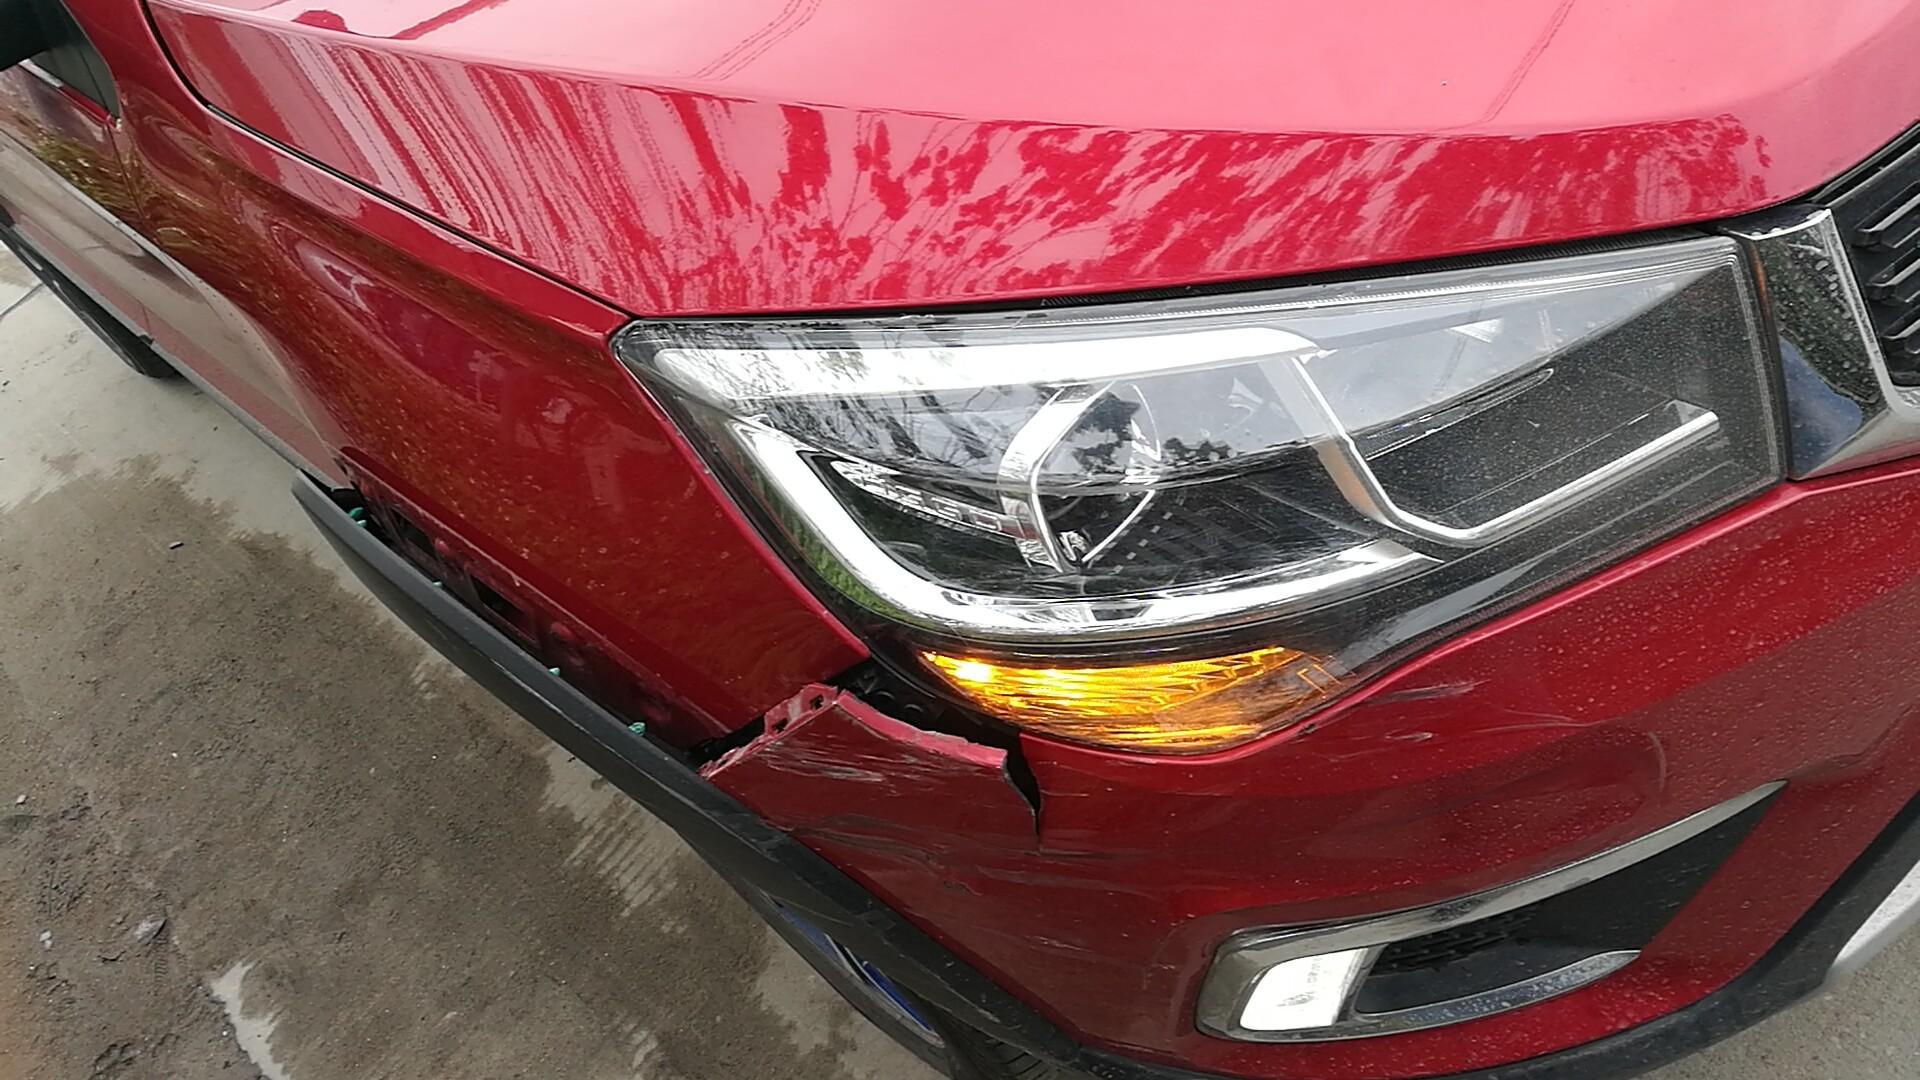 奇瑞汽車-瑞虎3xe 由于剎車問題,導致追尾